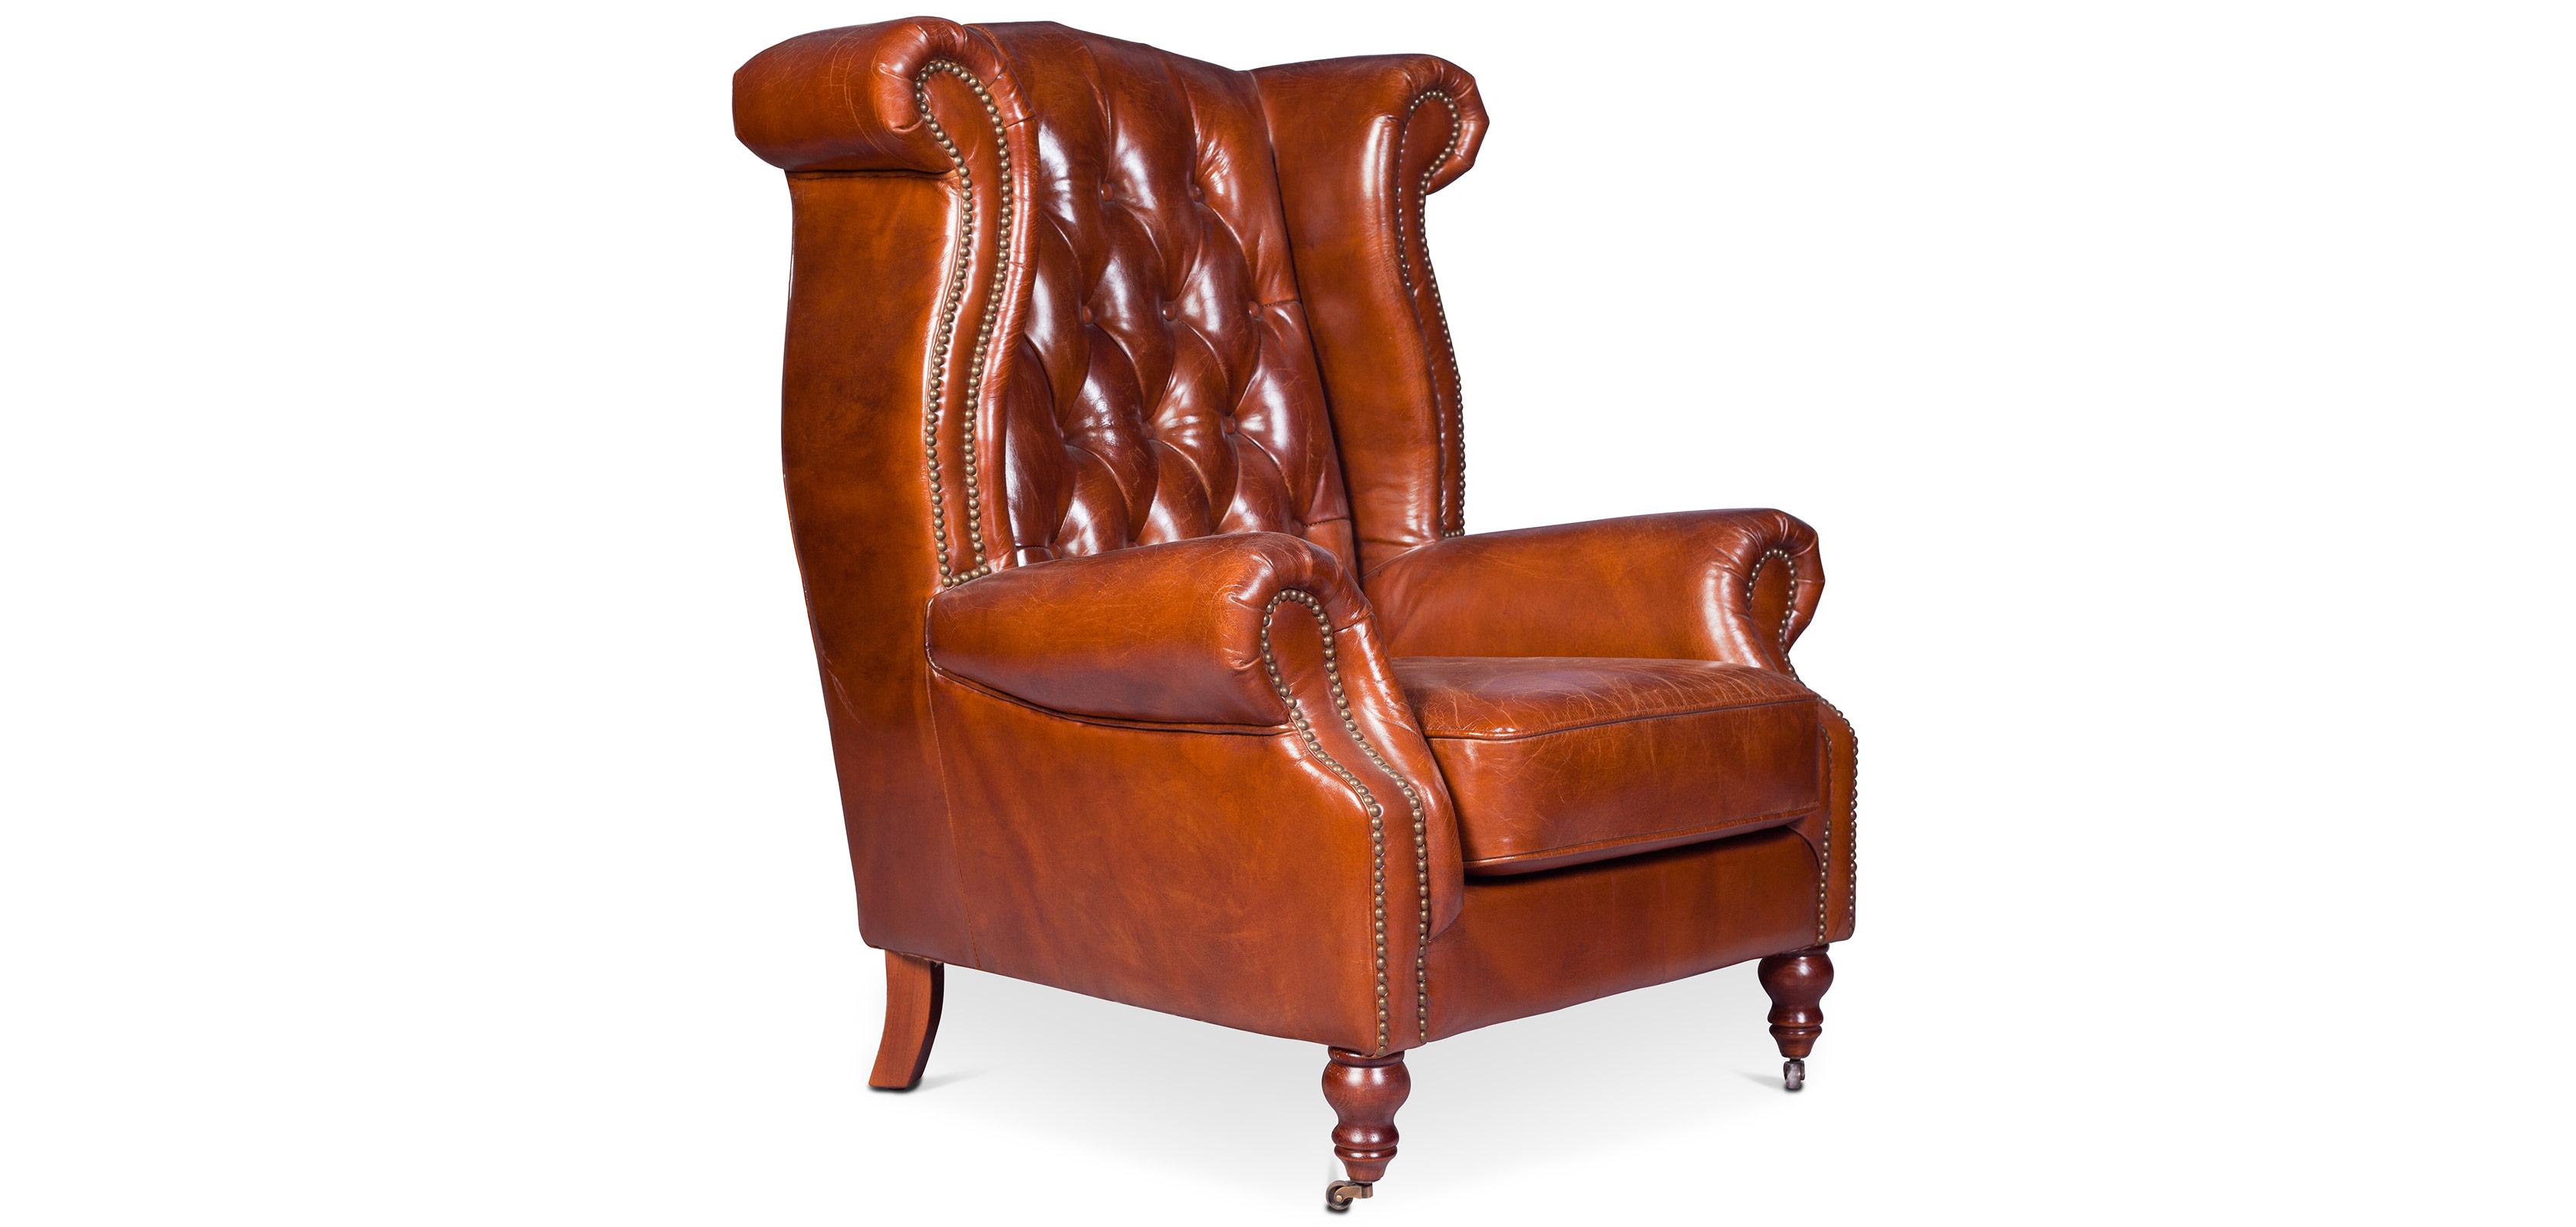 design sessel churchill lounge hochwertiges leder holz. Black Bedroom Furniture Sets. Home Design Ideas